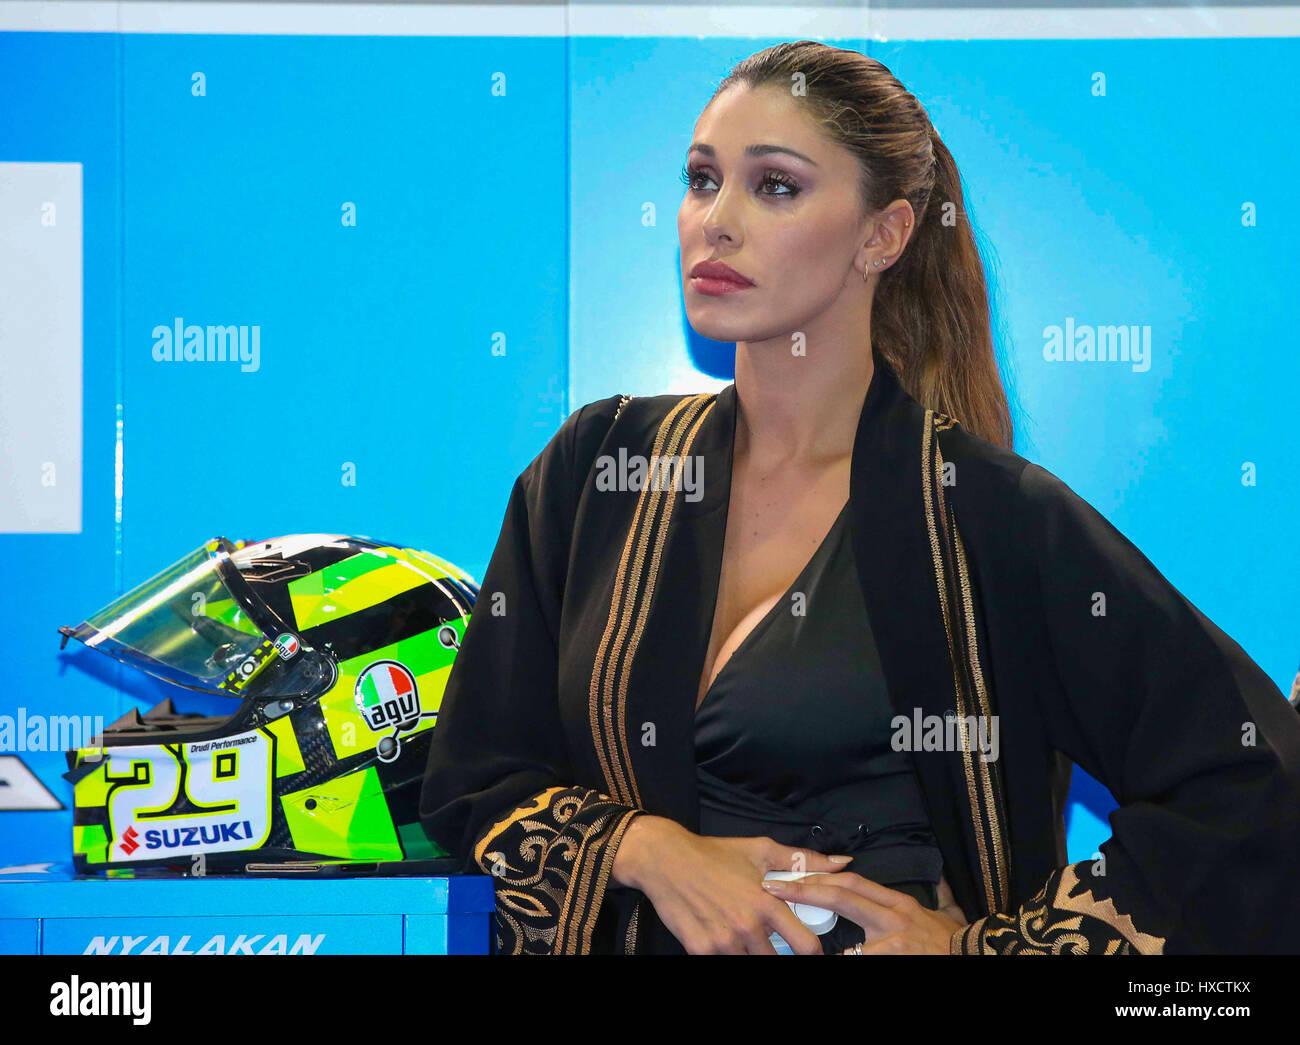 Doha Qatar El 27 De Marzo De 2017 Belen Rodriguez De Argentina Y La Novia El Piloto Italiano Andrea Iannone Mira En La Caja Durante La Carrera De Motogp Durante La Carrera